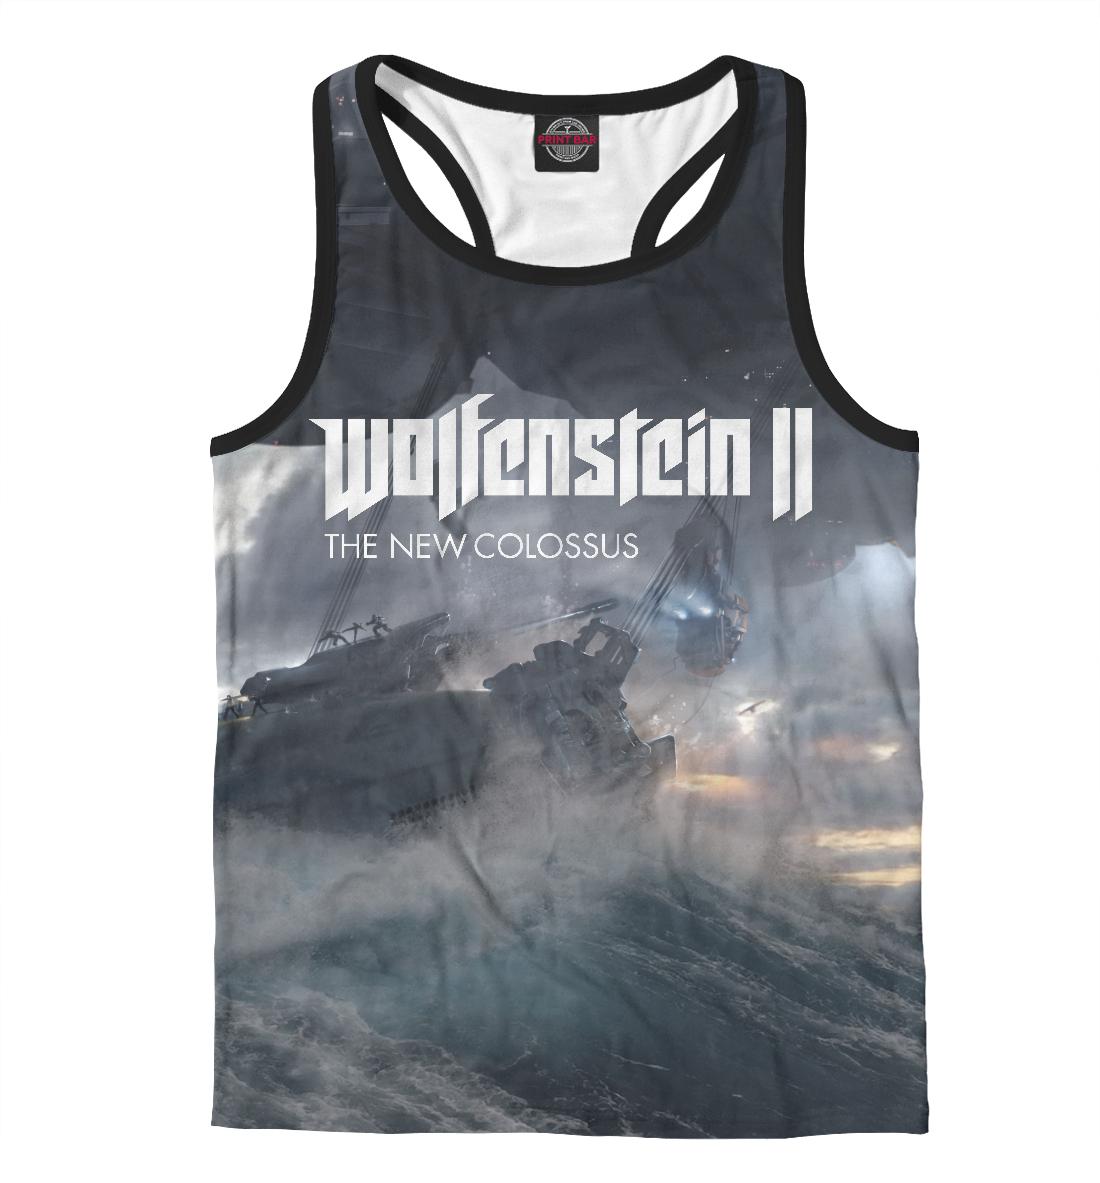 Купить Wolfenstein 2 The New Colossus, Printbar, Майки борцовки, RPG-361498-mayb-2